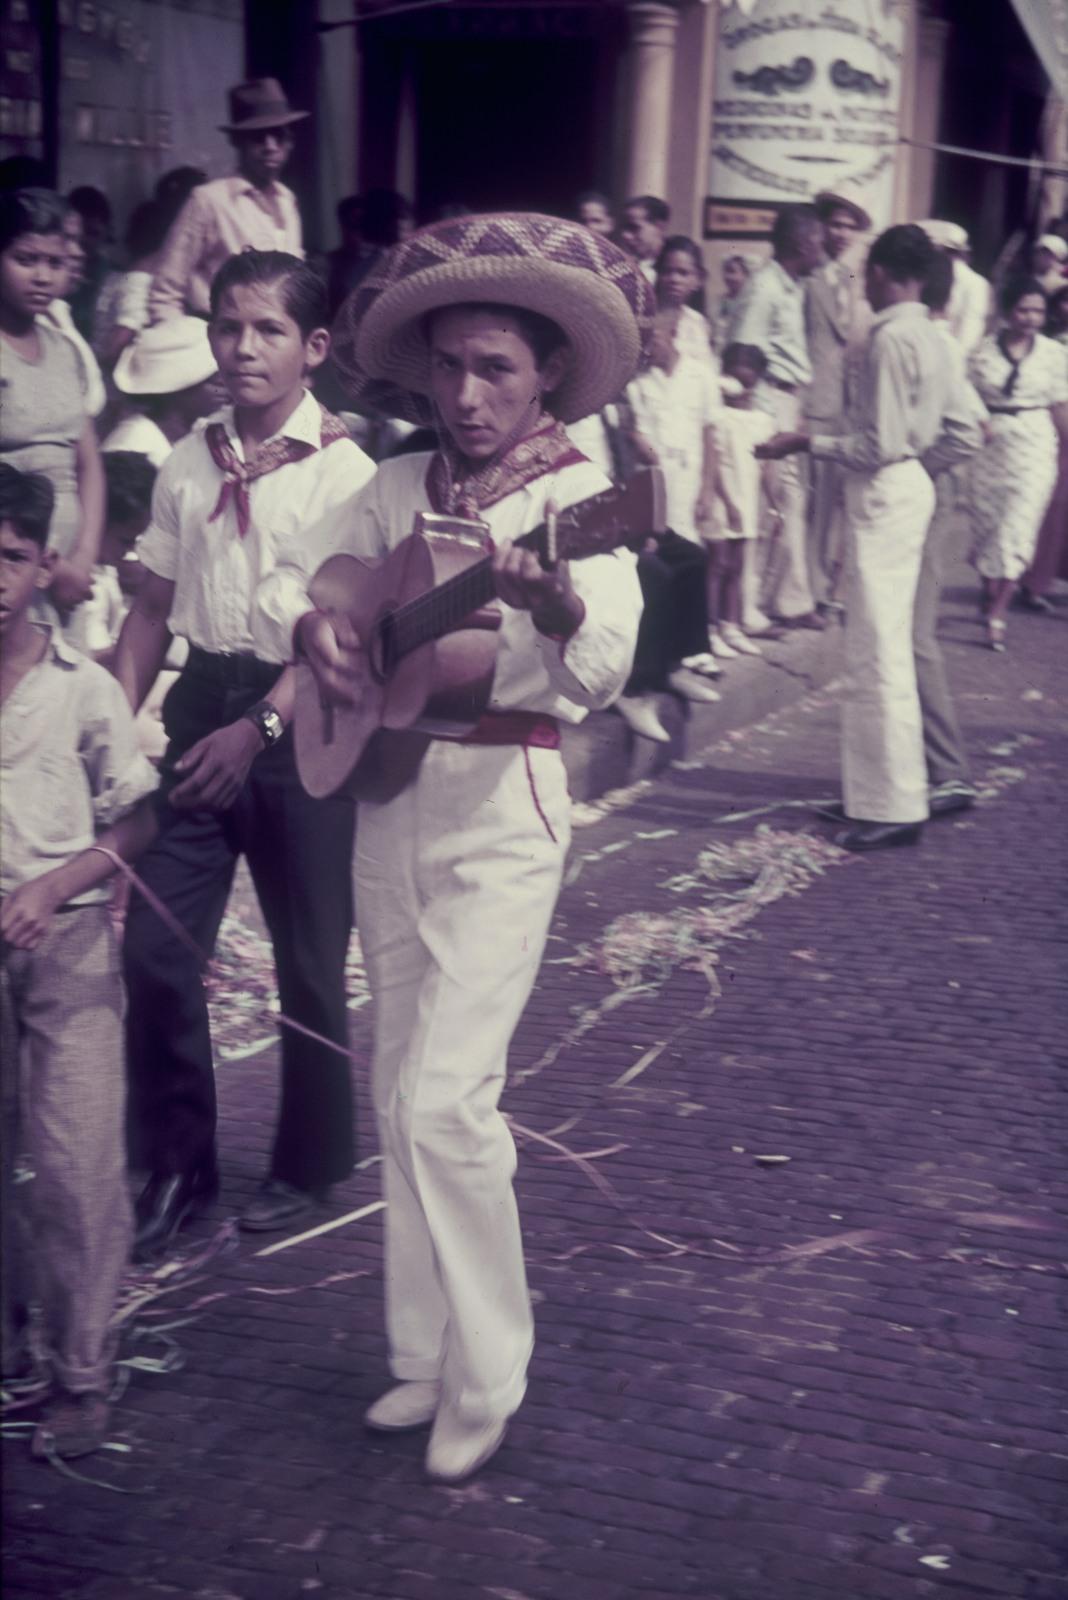 Панама. Проспект Бальбоа. Участники парада и зрители на обочине